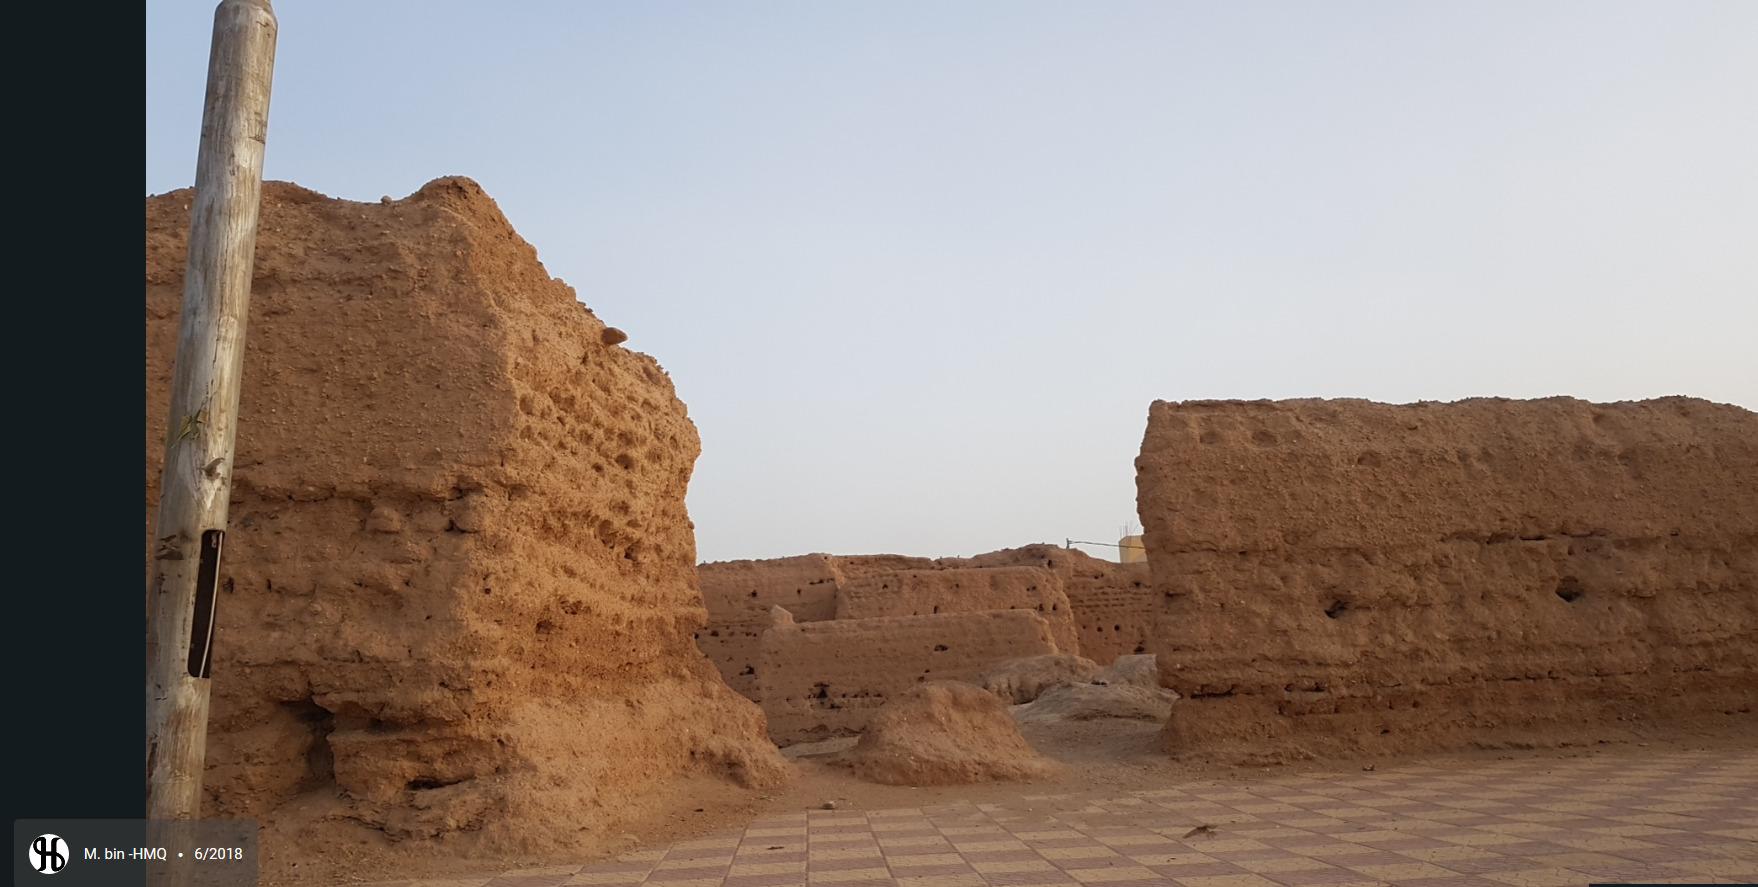 wadi a dawasir M.Bin HMQ